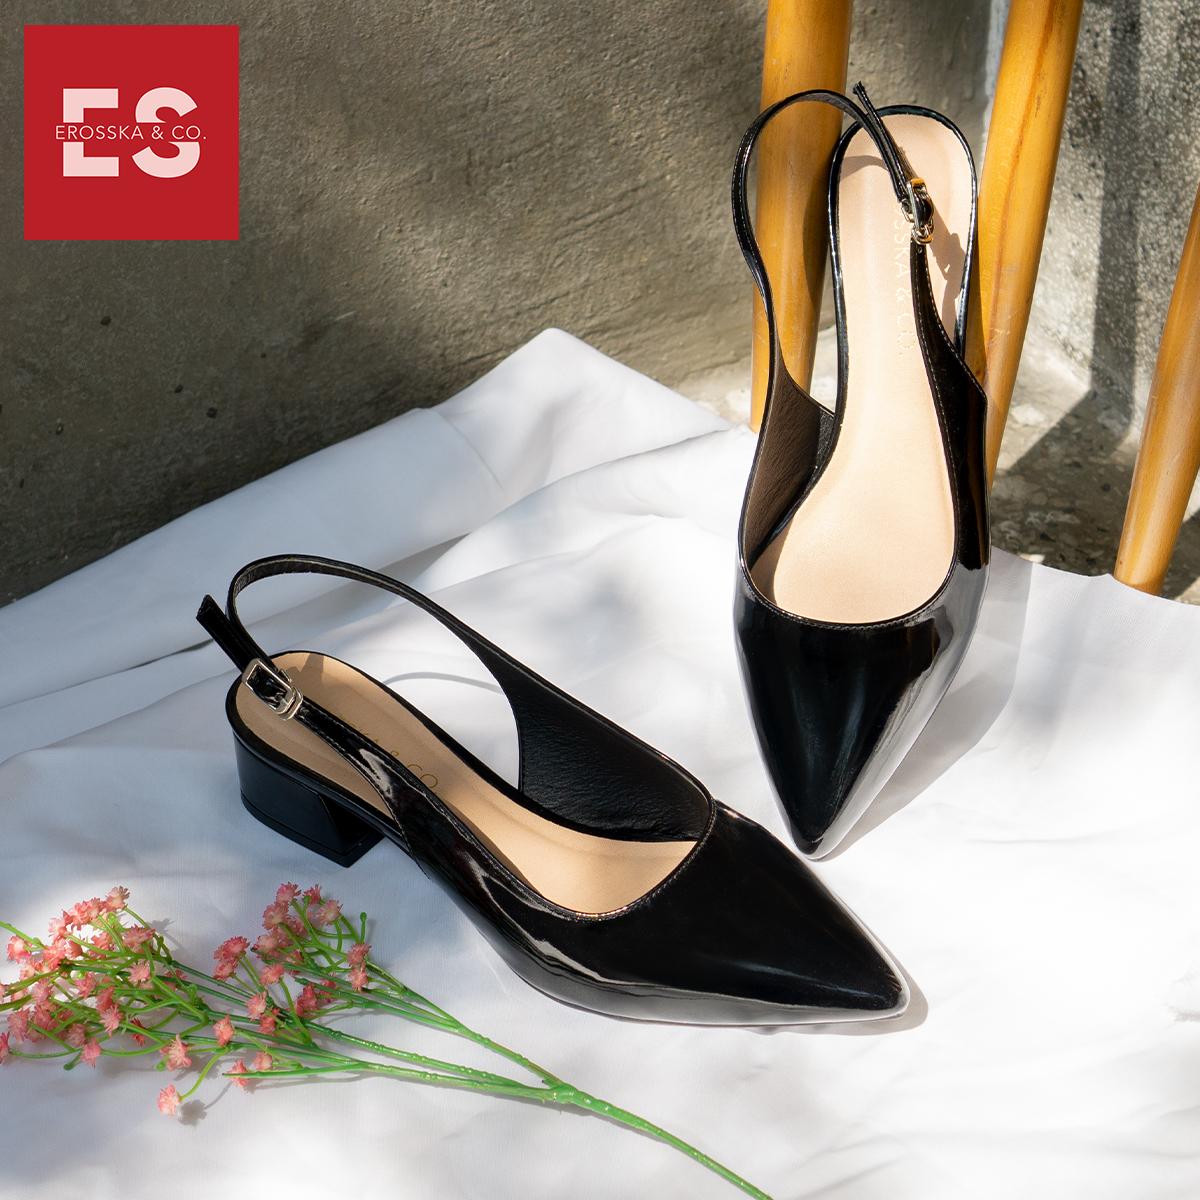 Giày cao gót slingback Erosska mũi nhọn da bóng kiểu dáng basic cao 4cm - EL012 4